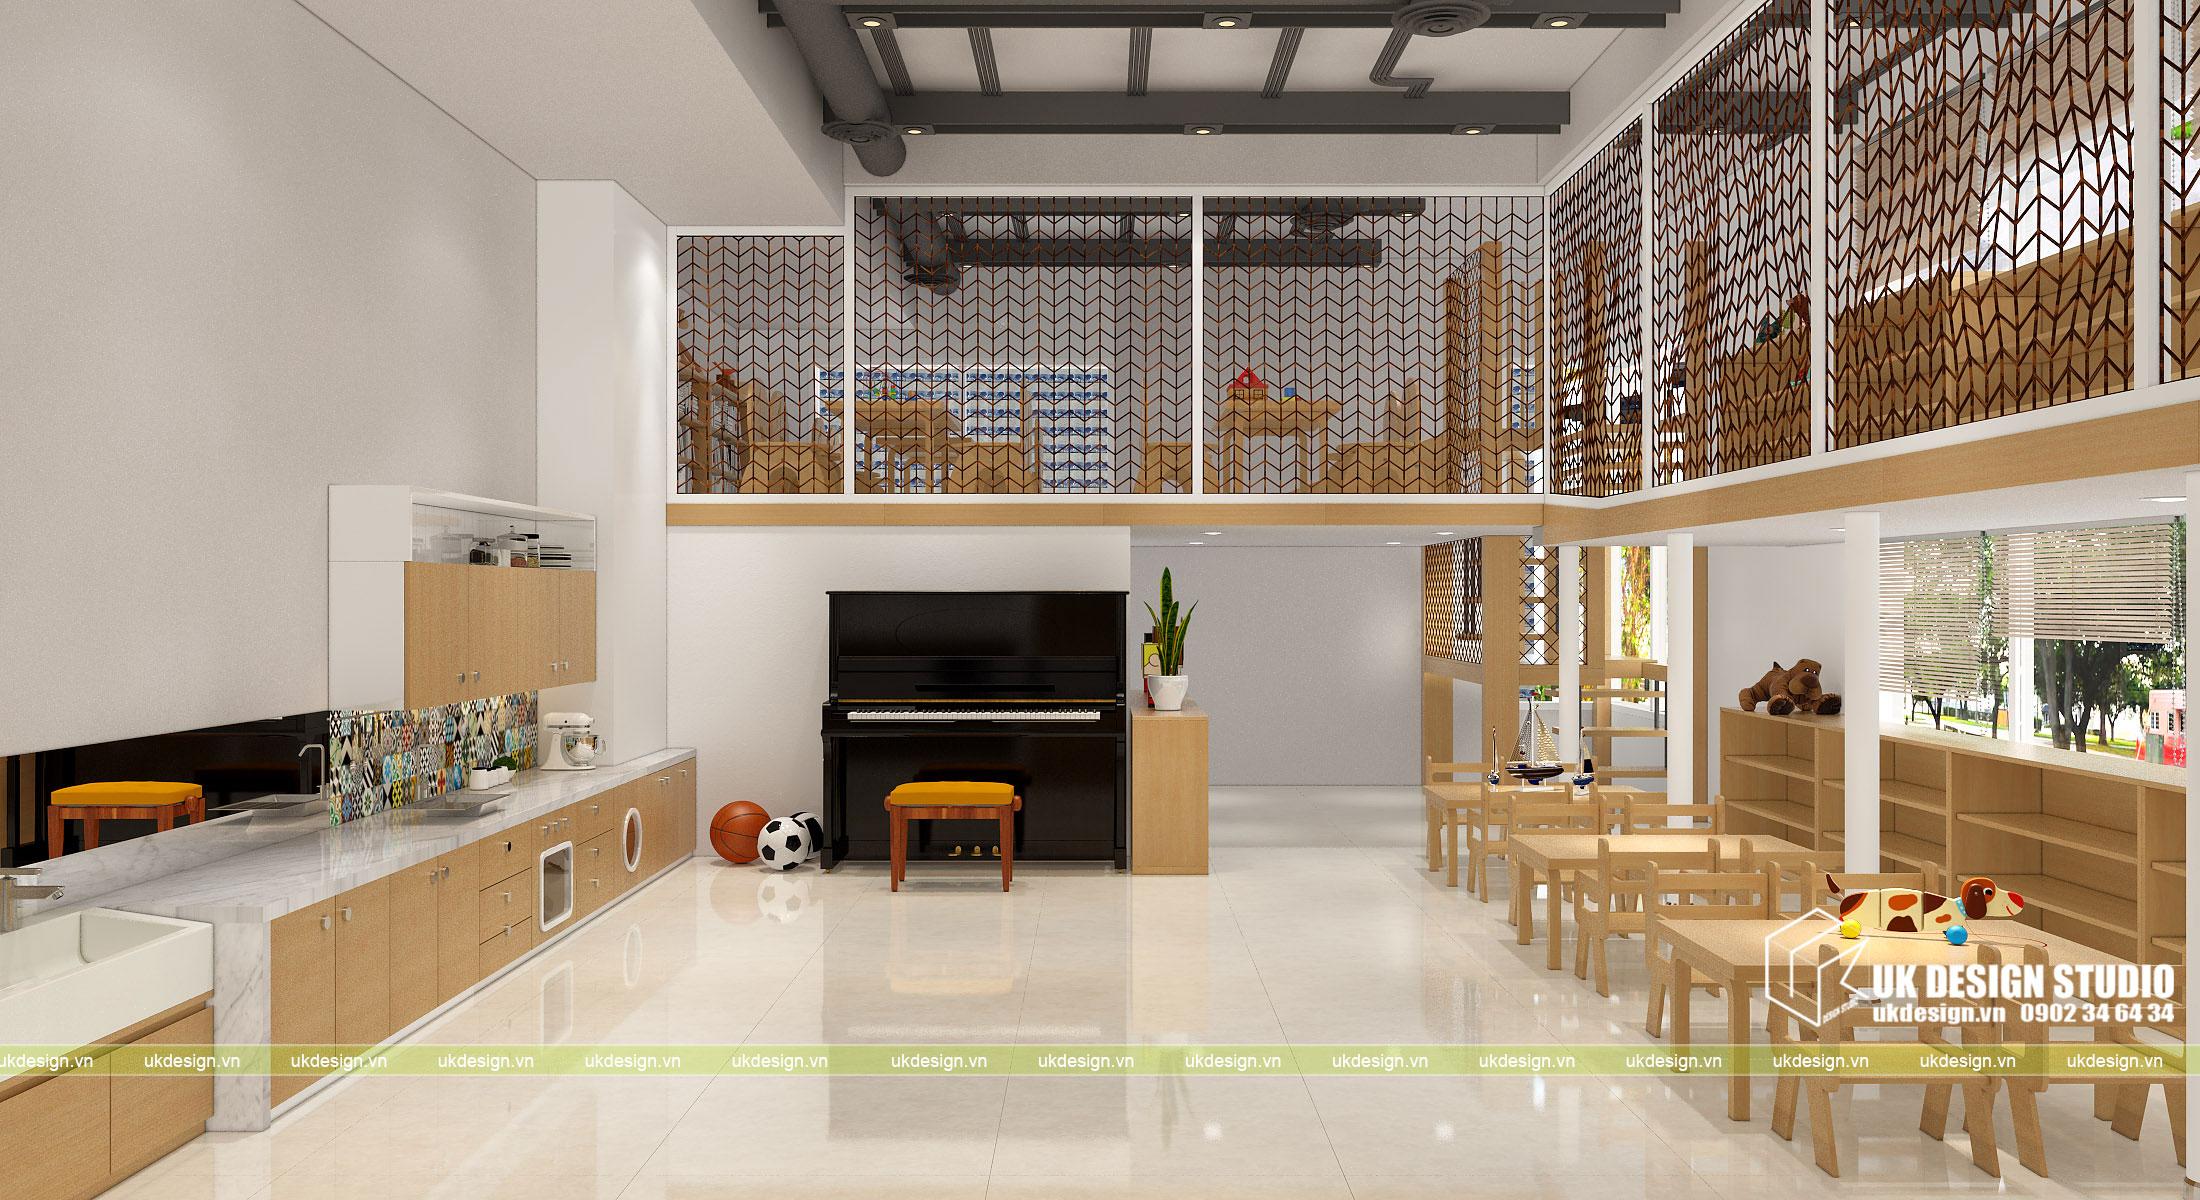 Thiết kế nội thất nhà trẻ 1